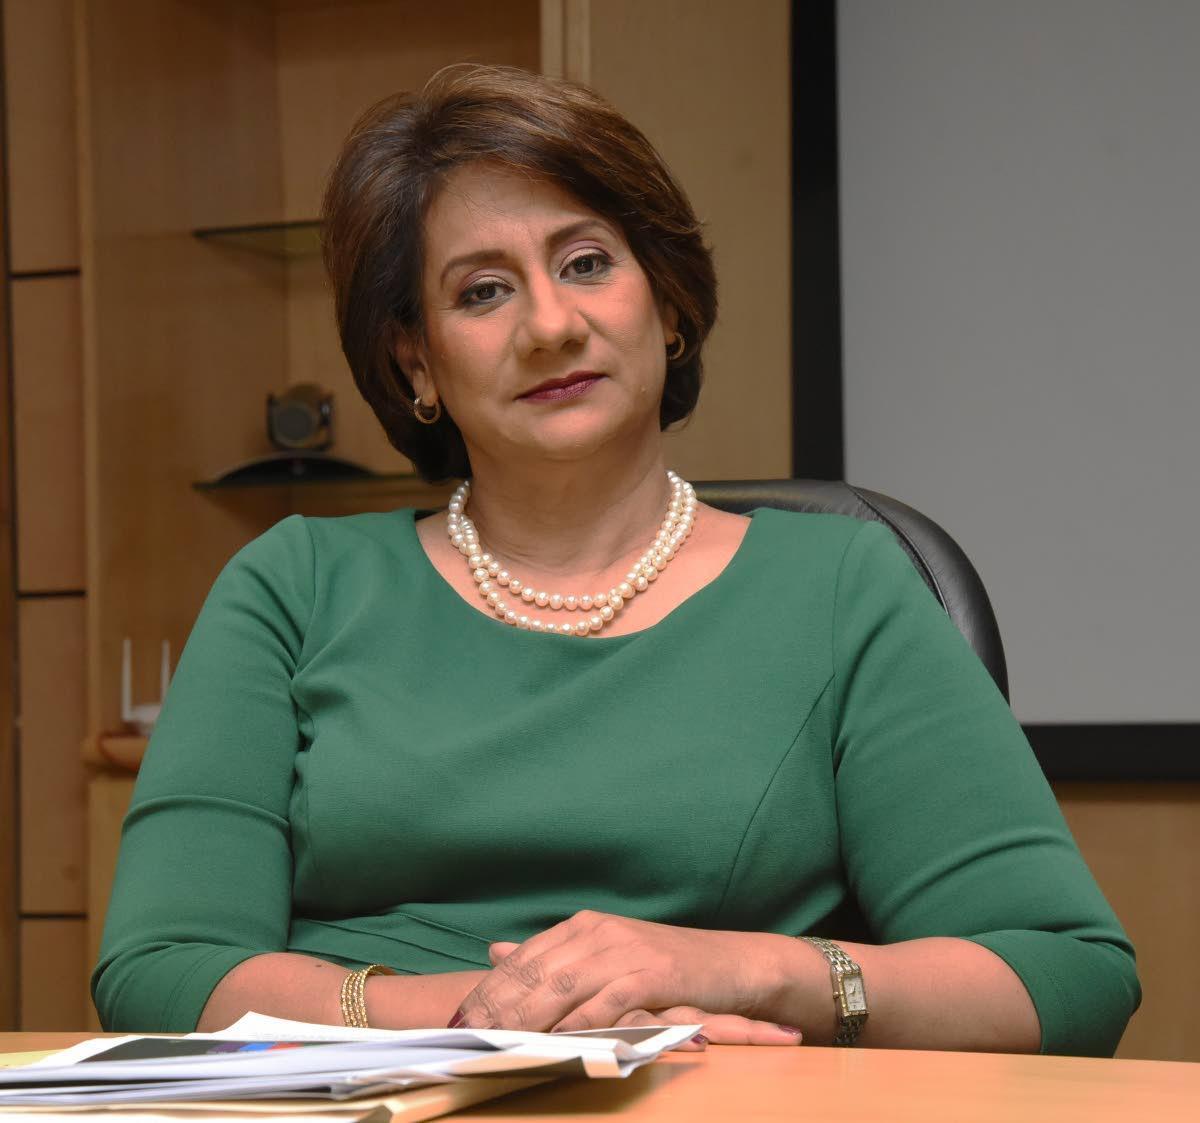 Karen Darbasie, CEO, First Citizens. Photo by Kerwin Pierre